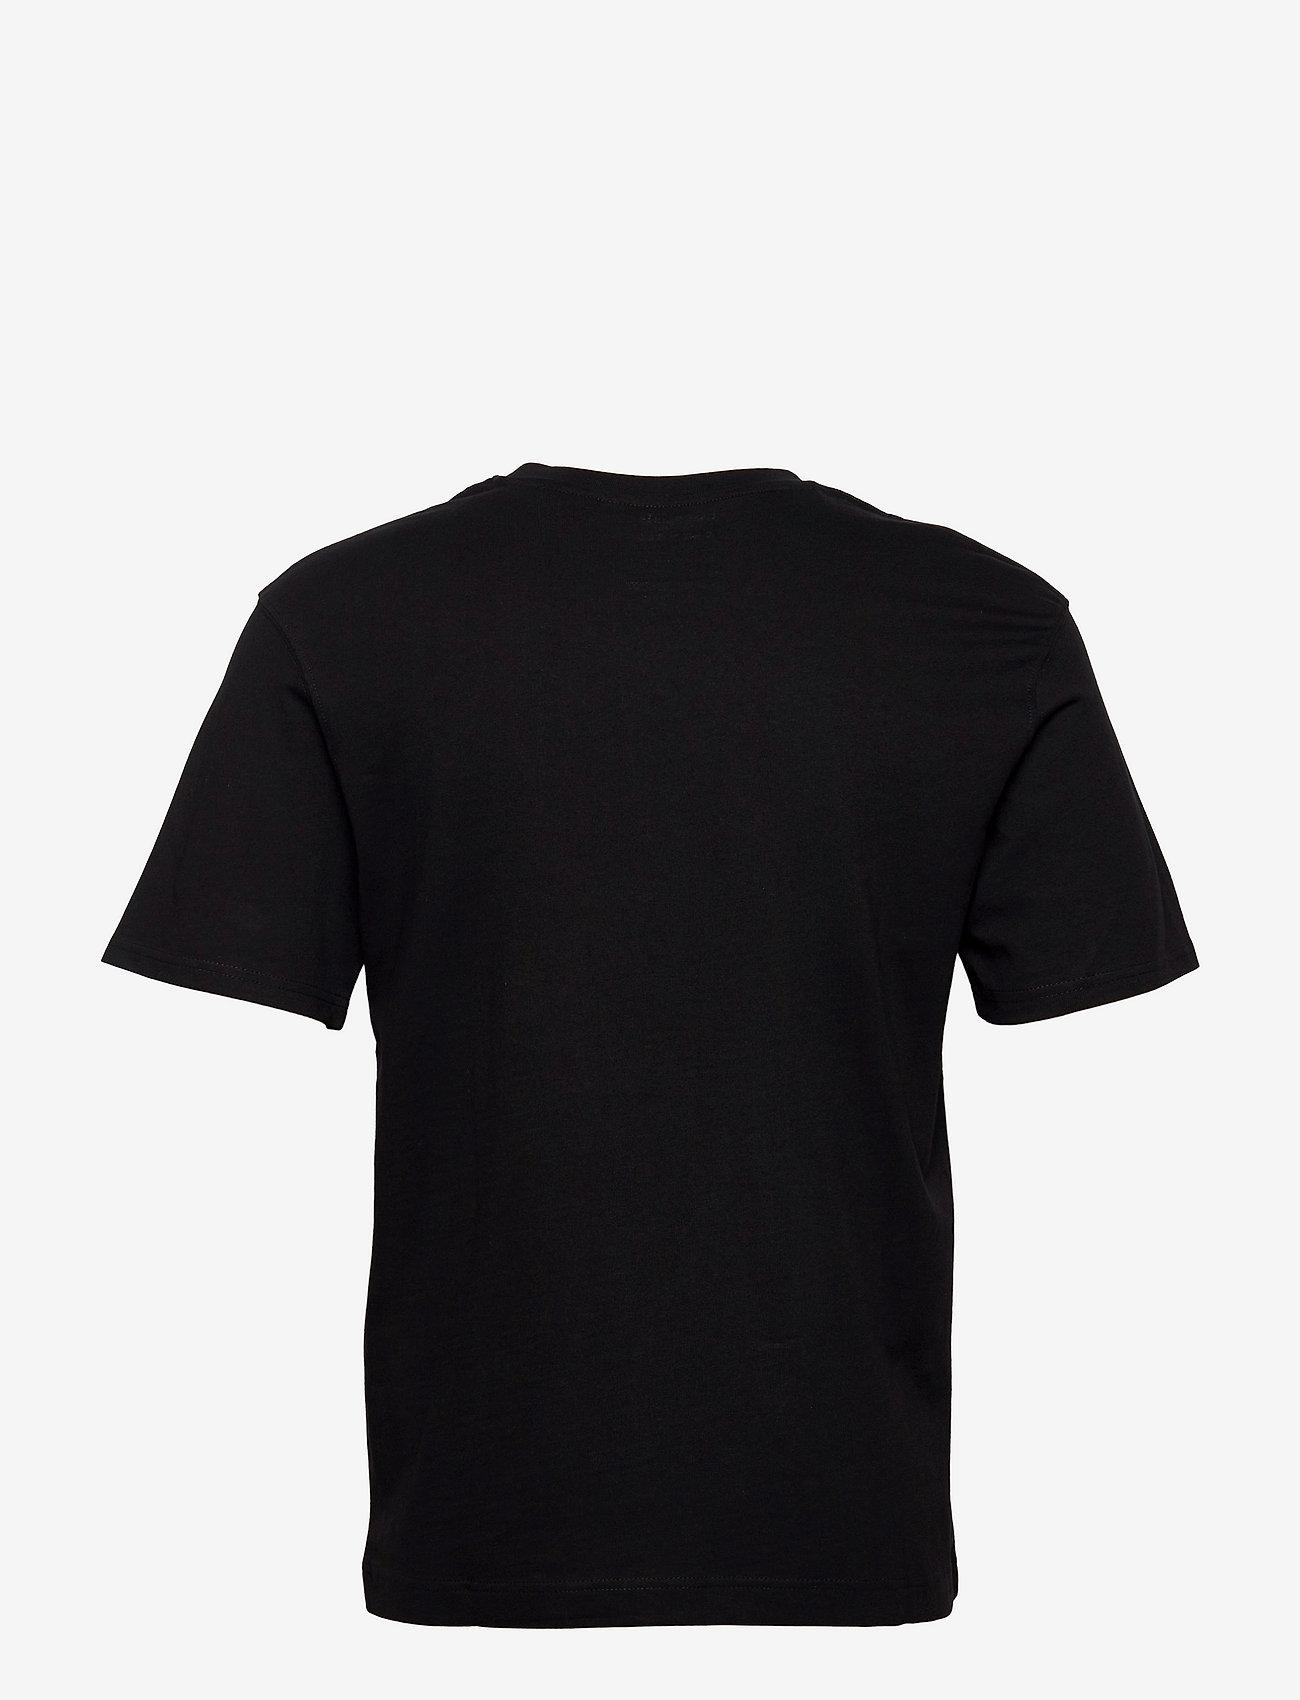 Jack & Jones - JJERELAXED TEE SS O-NECK - basic t-shirts - black - 1